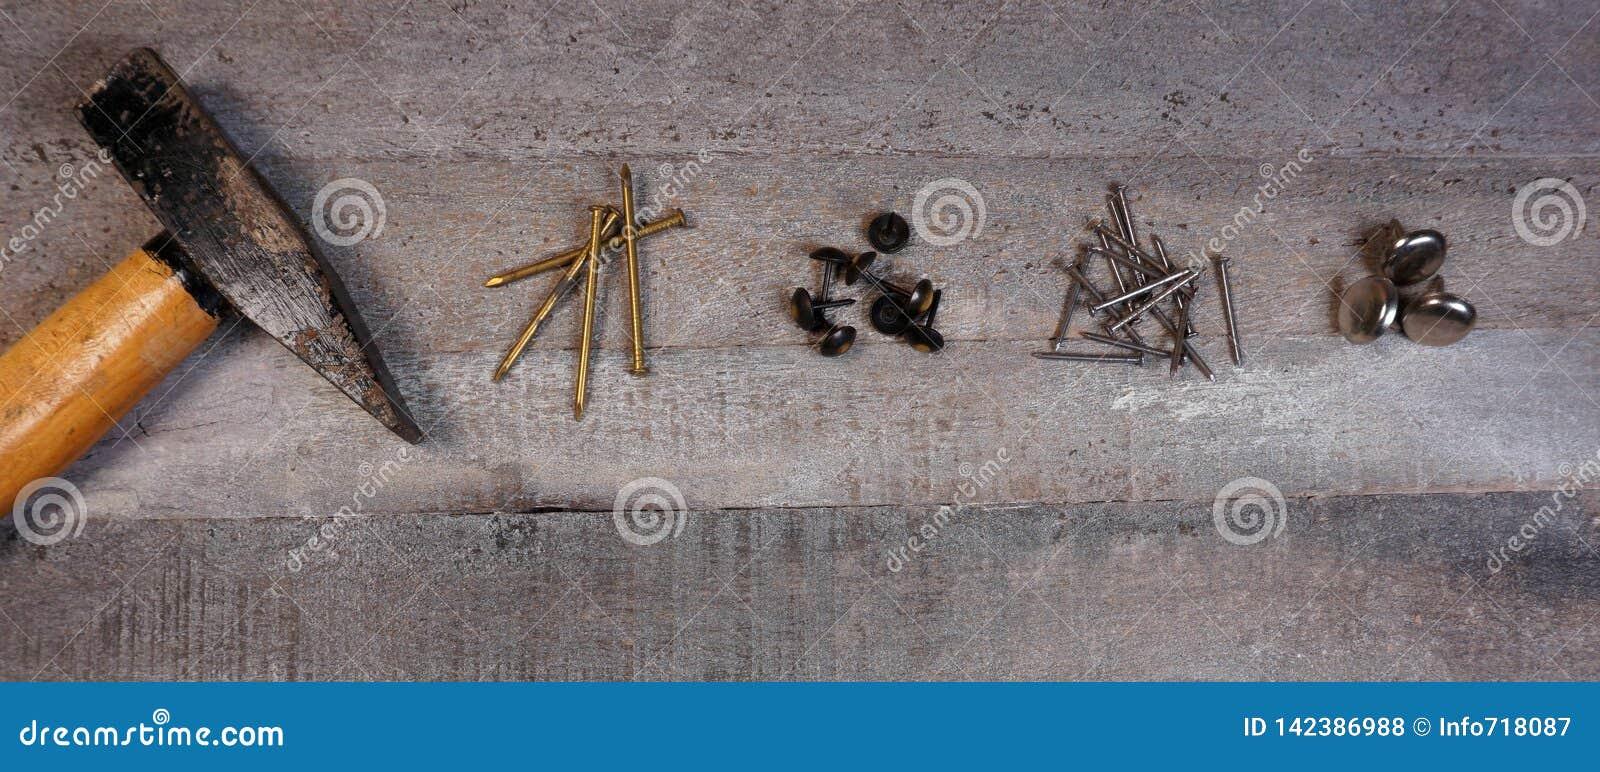 Молоток и ногти на естественной деревянной предпосылке с космосом экземпляра для вашего собственного текста